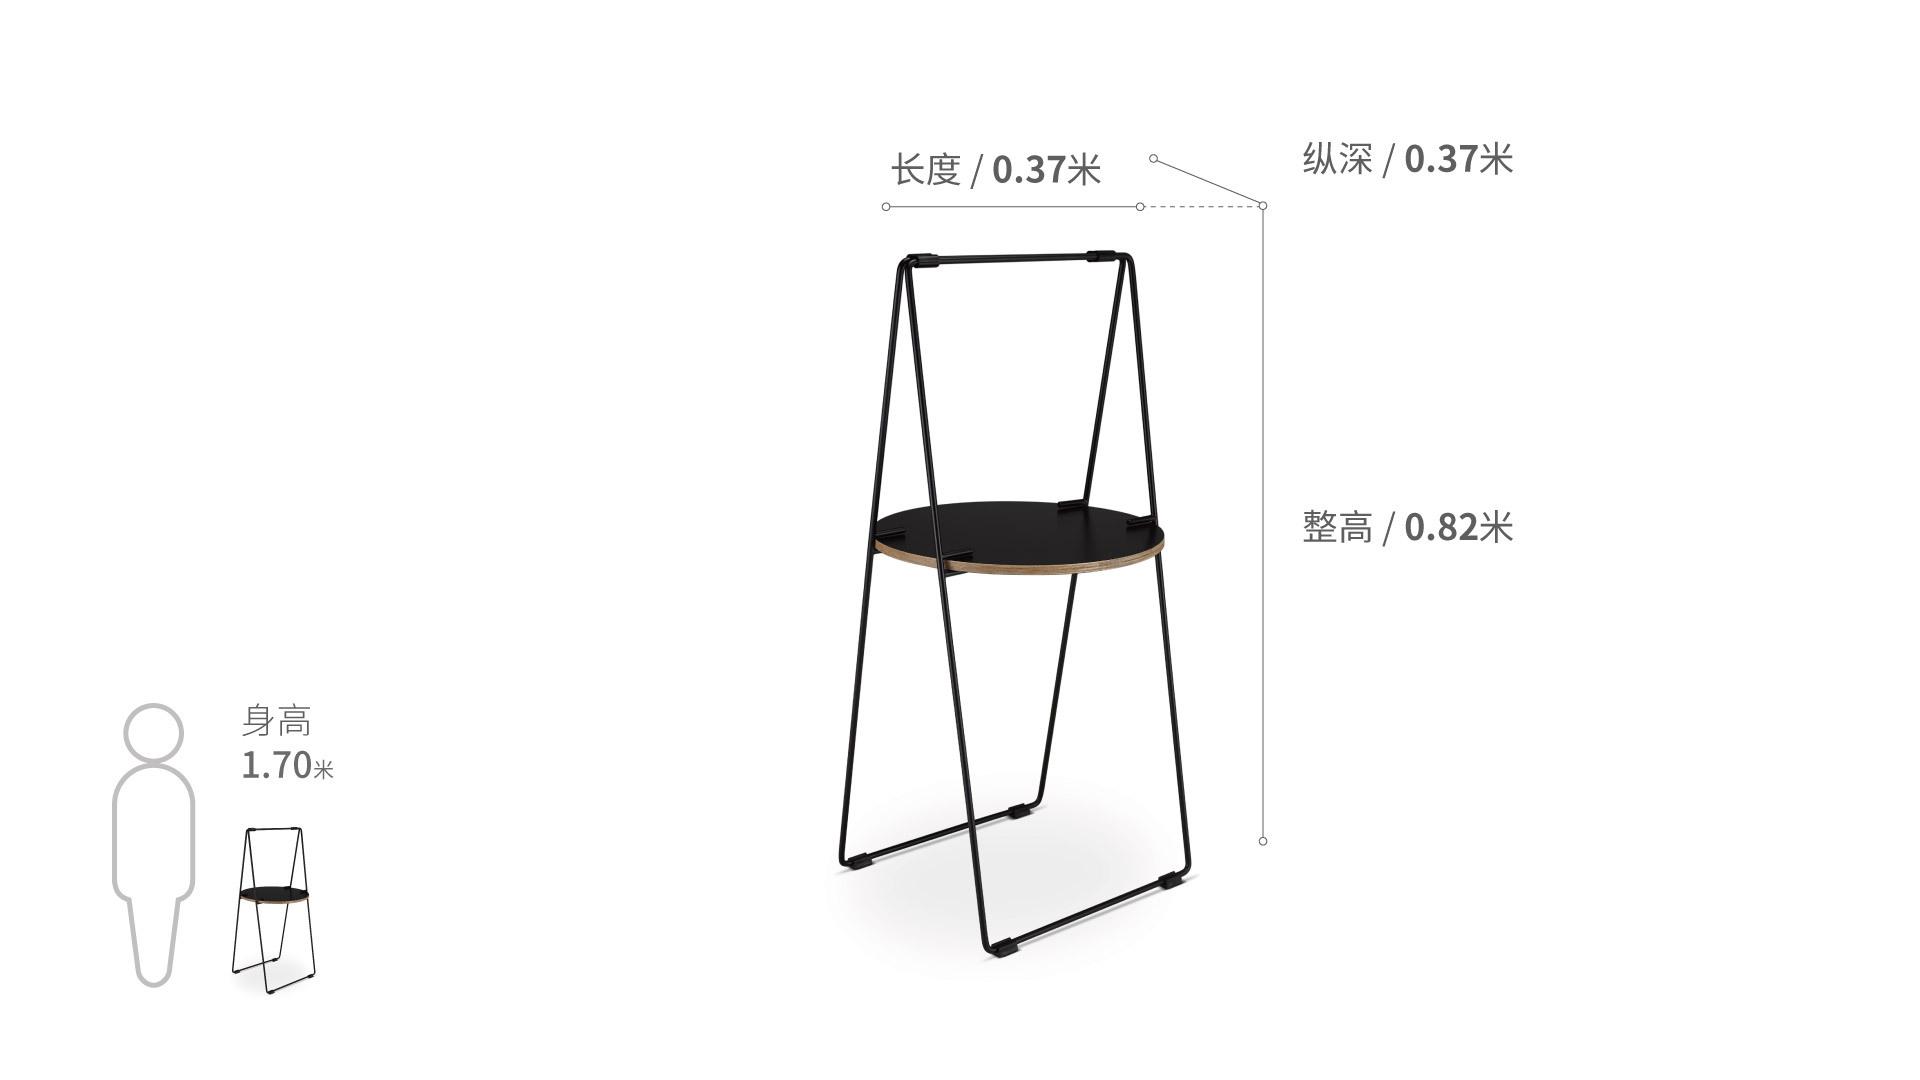 线框手提式边几边几桌几效果图